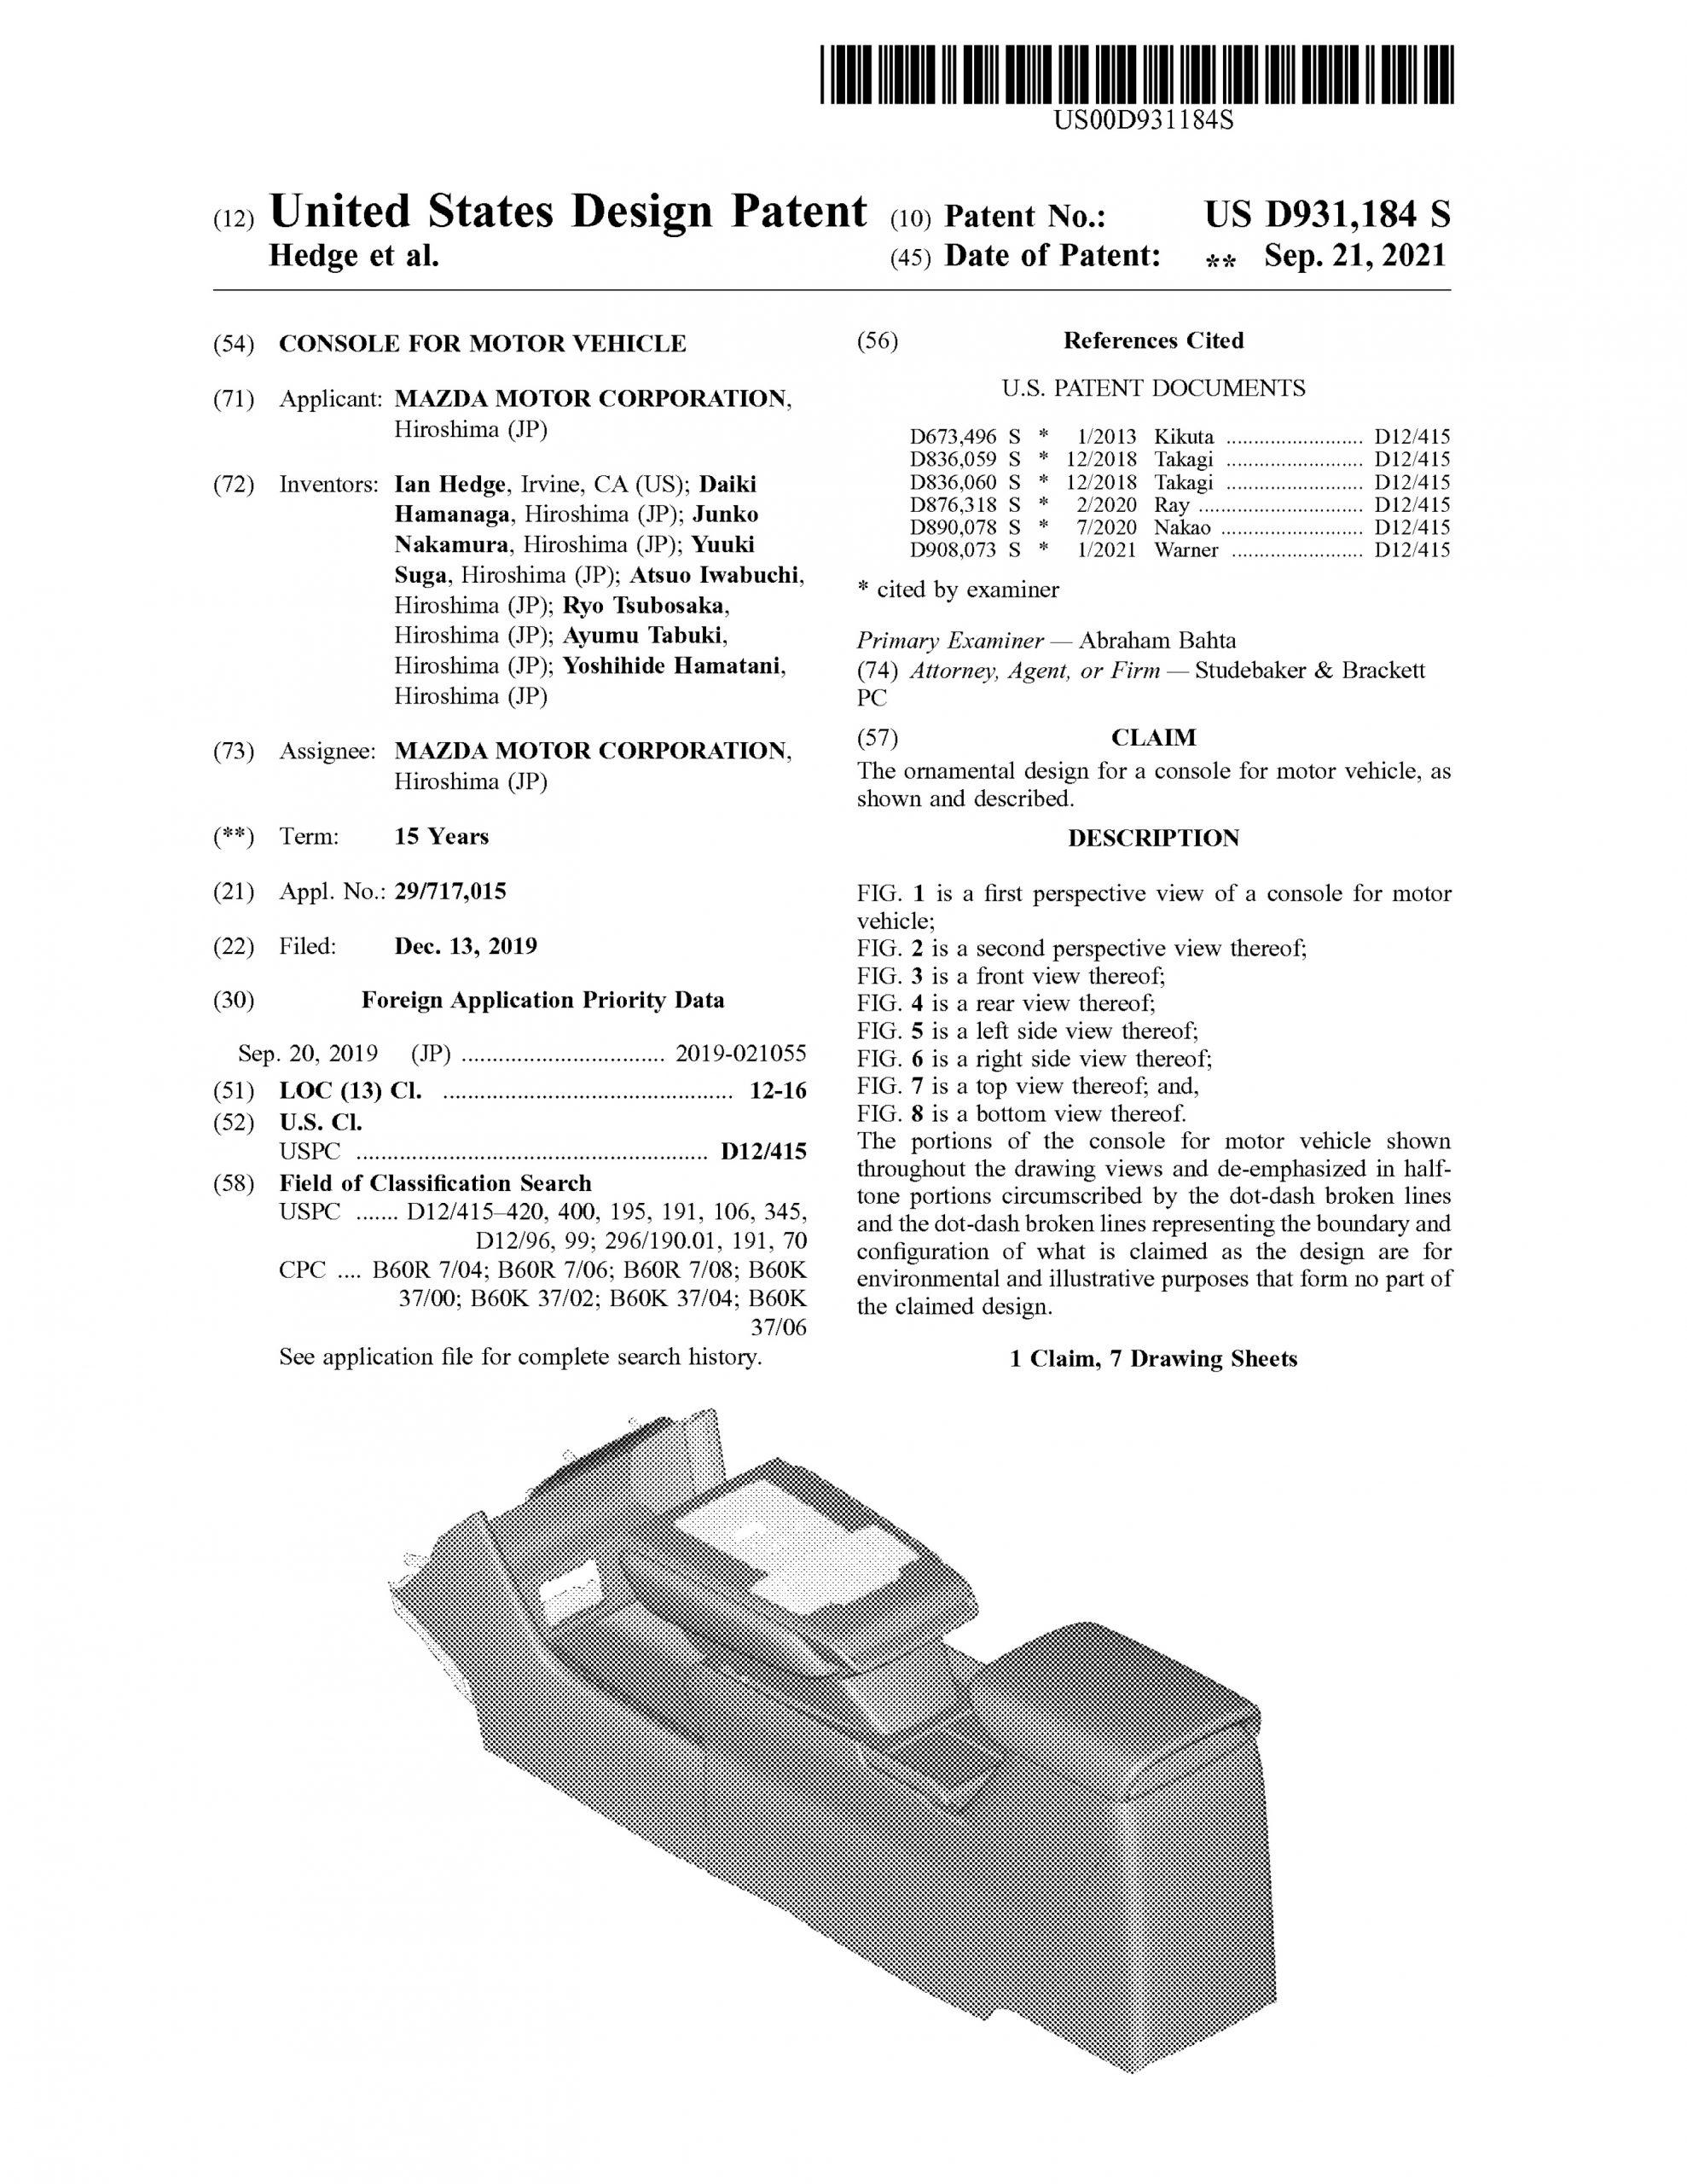 マツダ、米国でMX-30のセンターコンソールを意匠登録